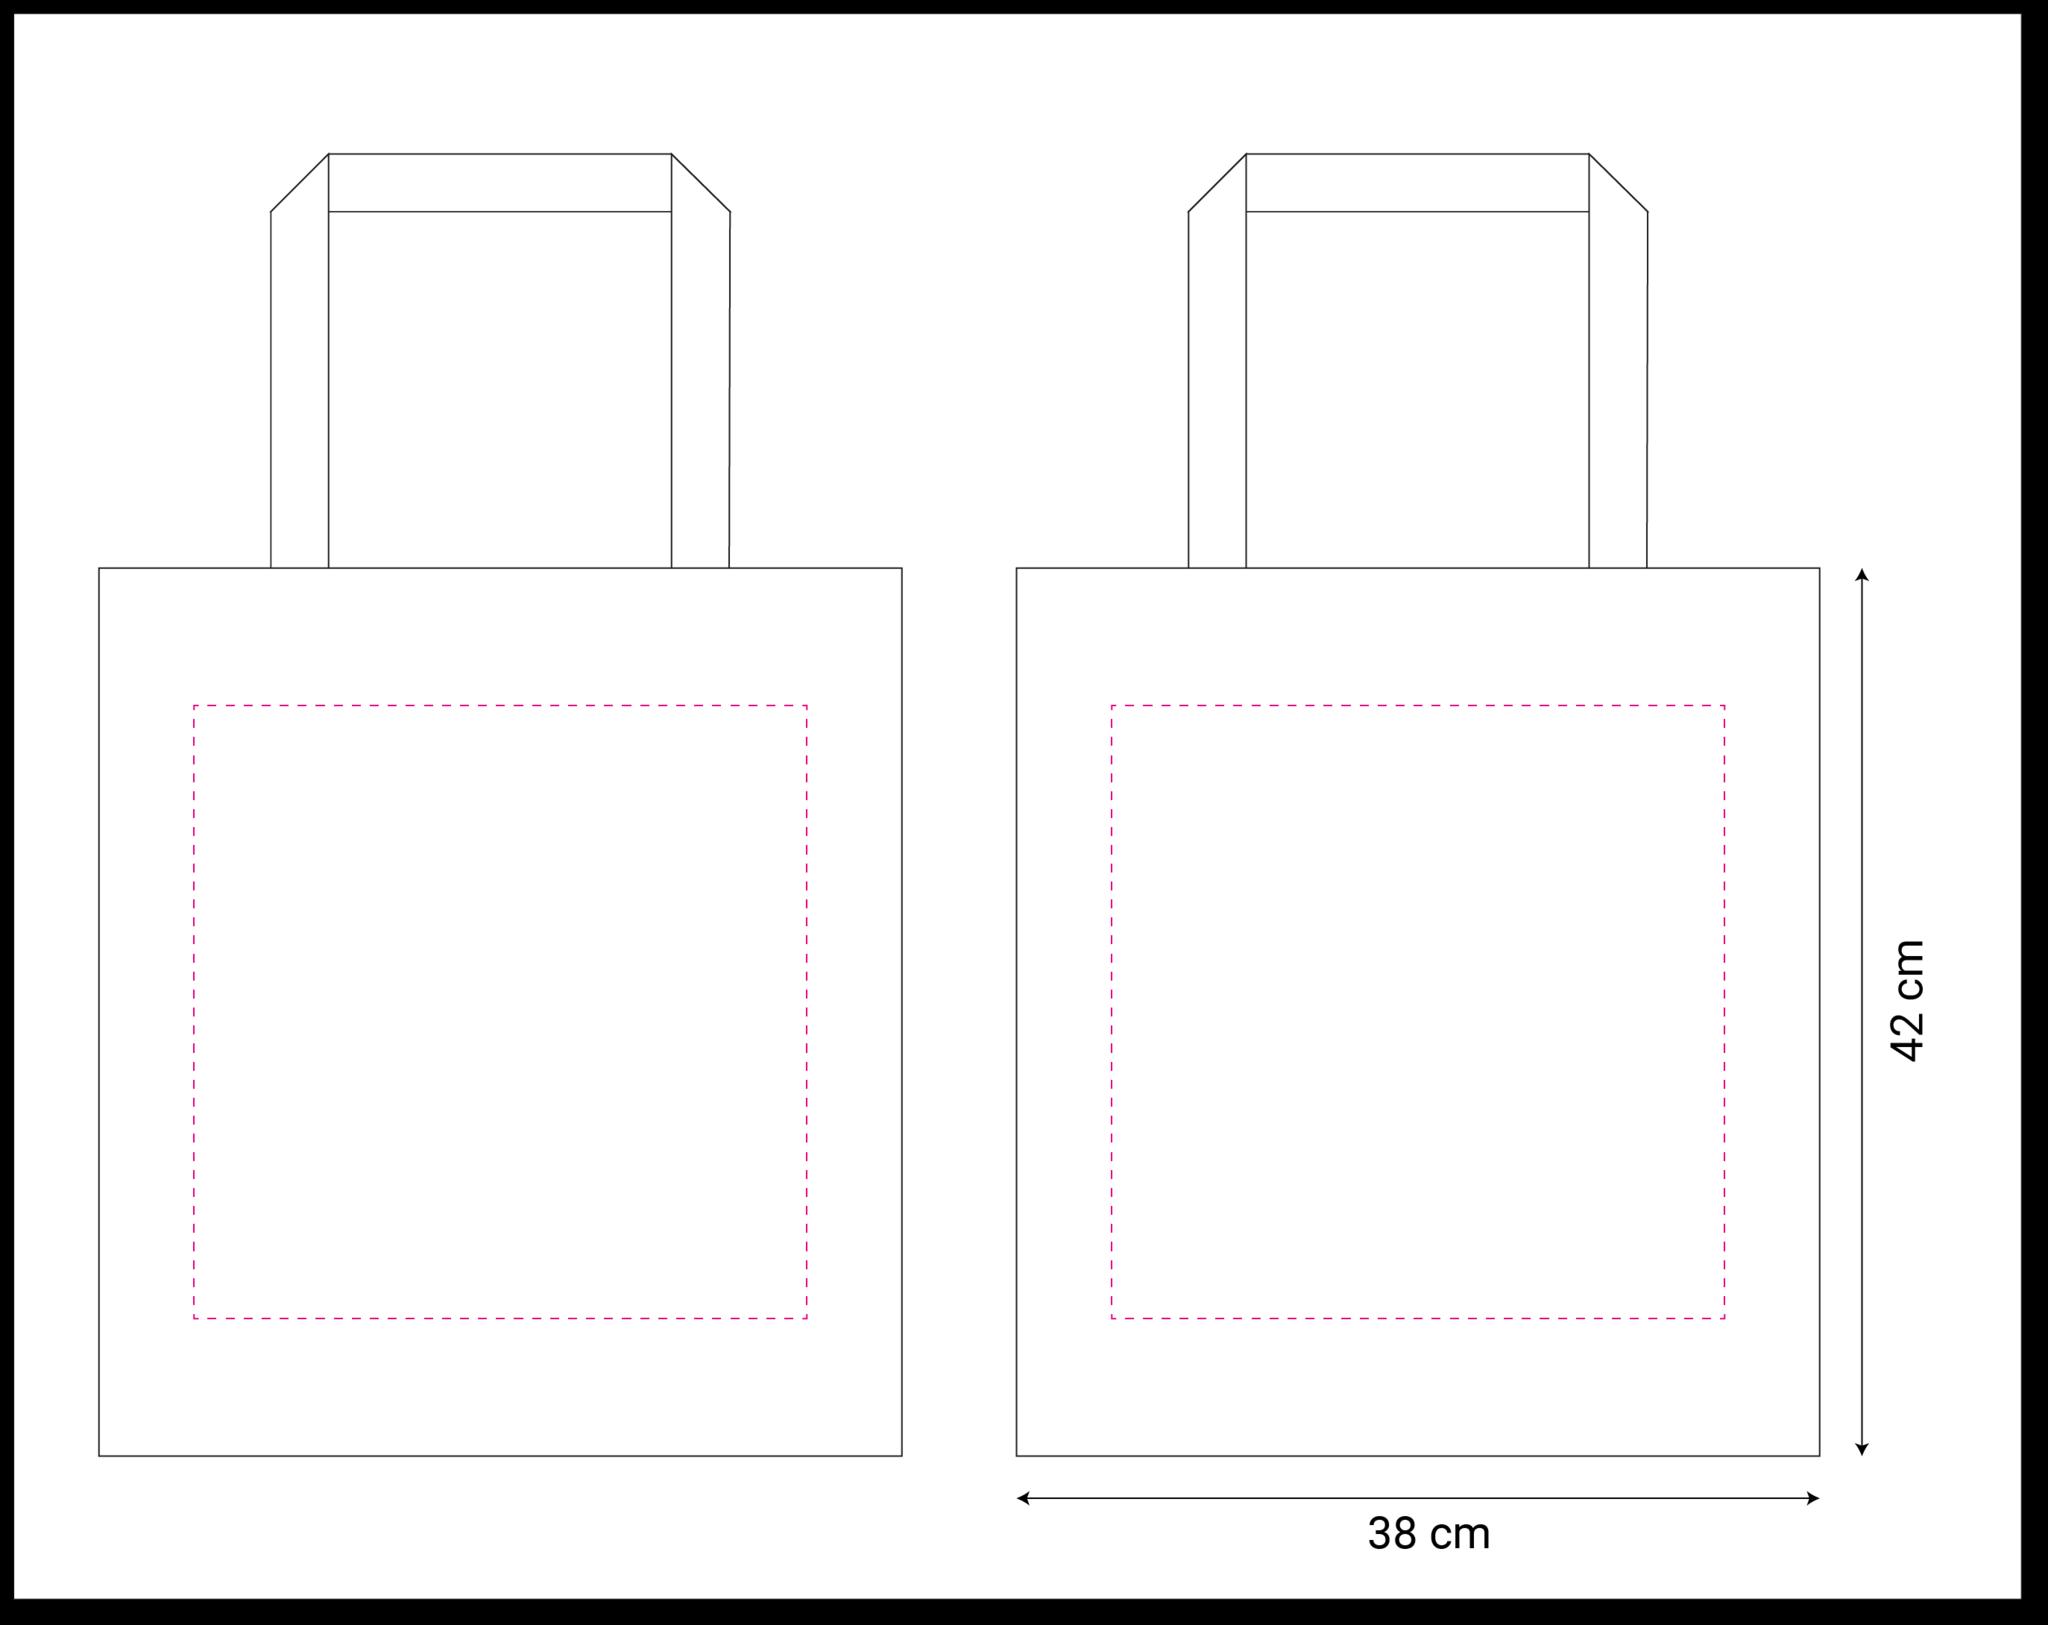 tekening katoenen tas